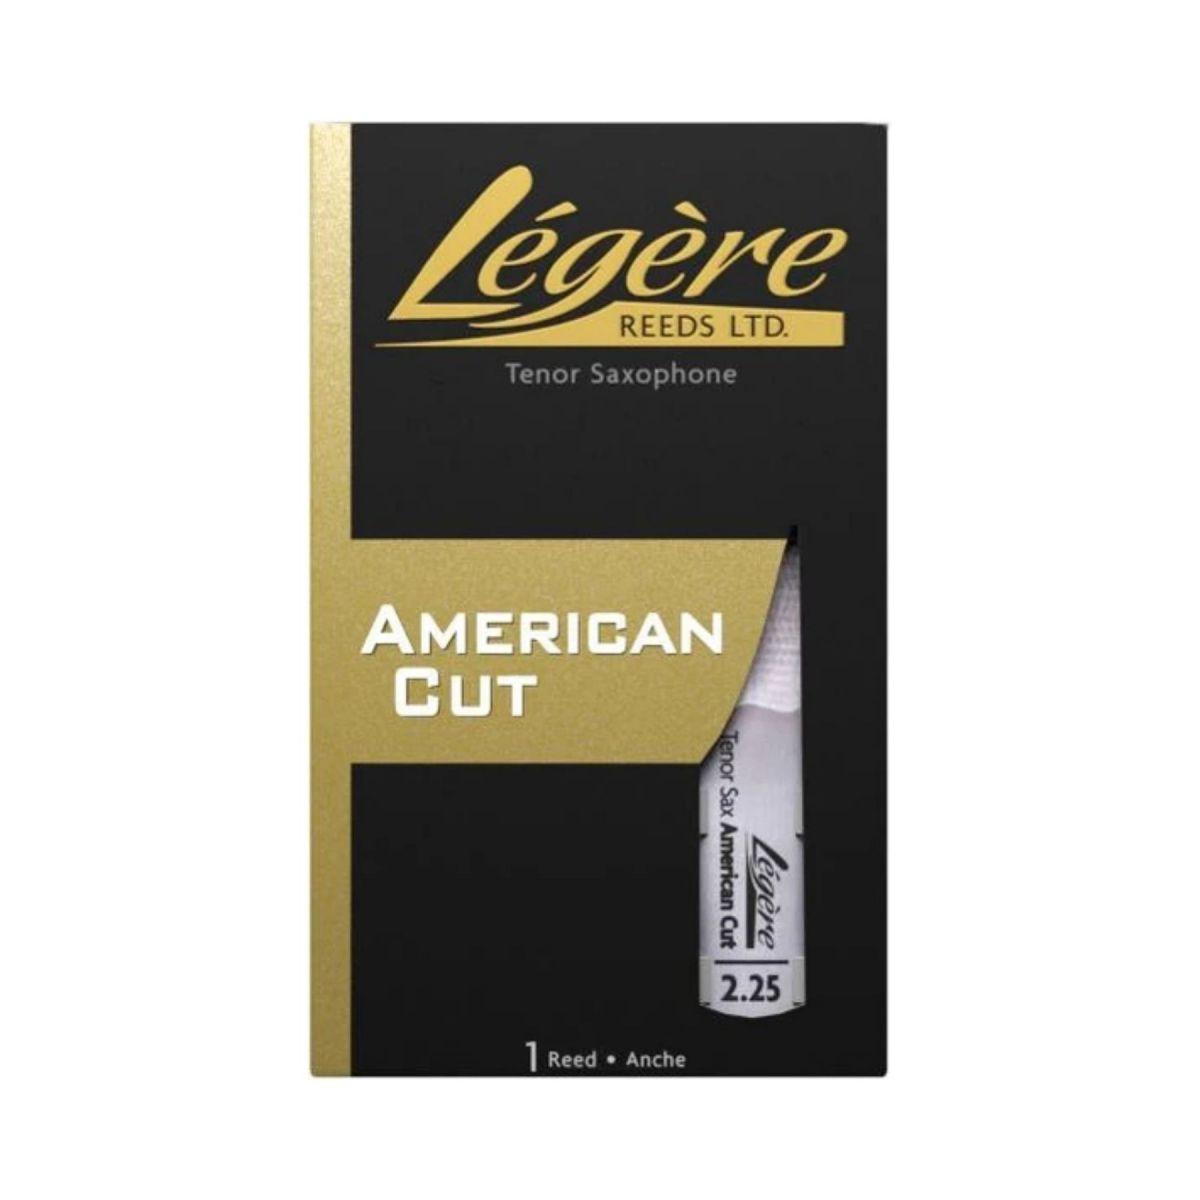 Ancia Sax Tenore Legere American Cut n.2,25 singola